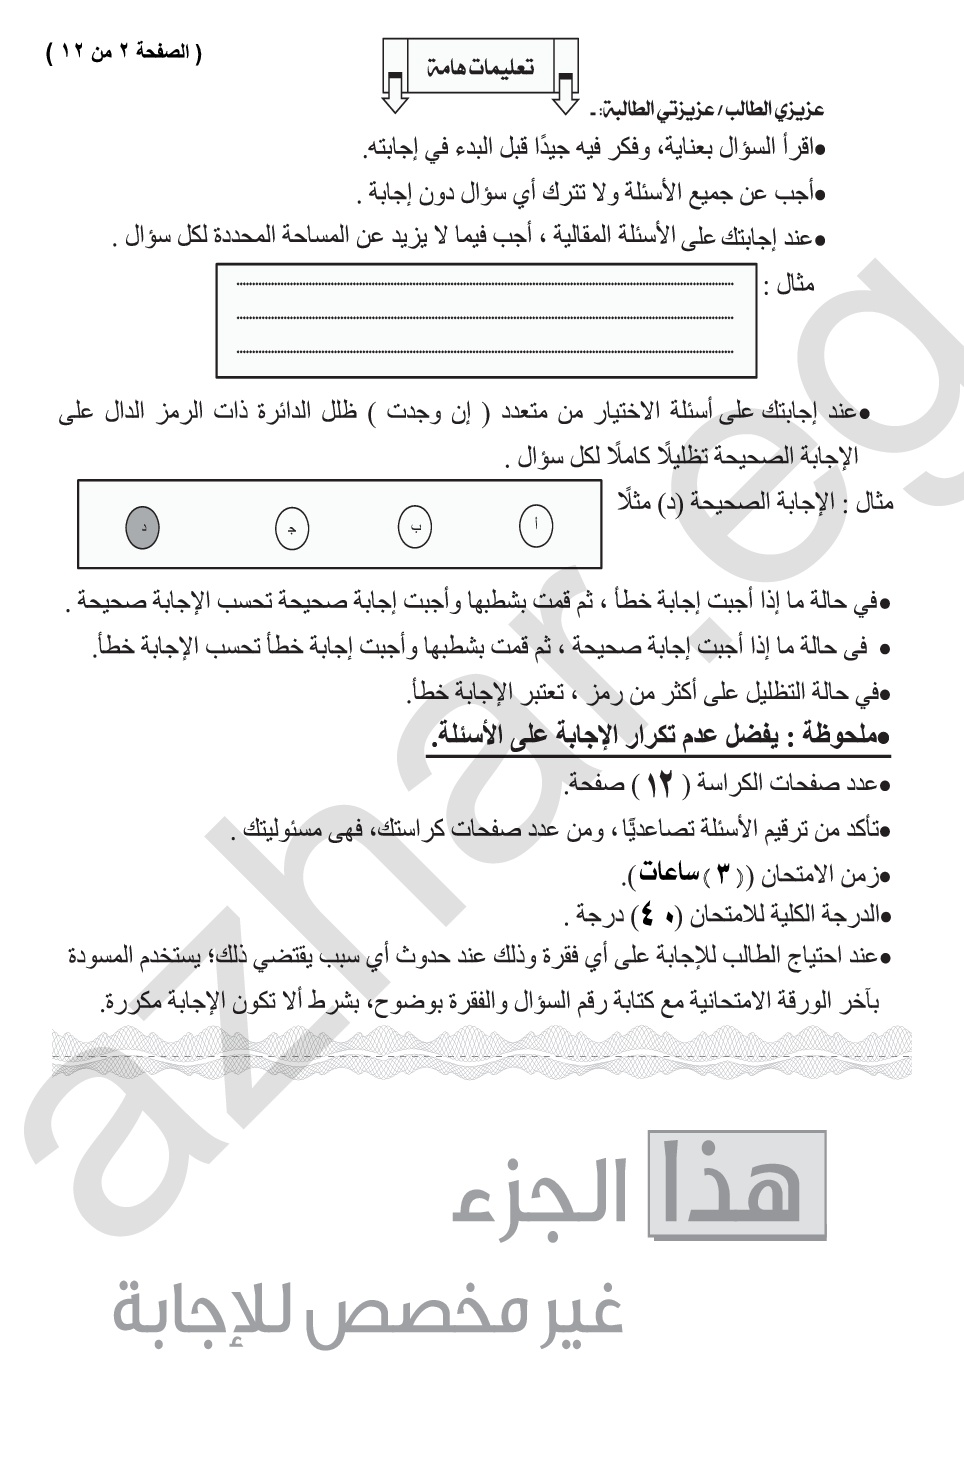 اجابات 100 قطعة نحو كتاب الامتحان pdf 2019